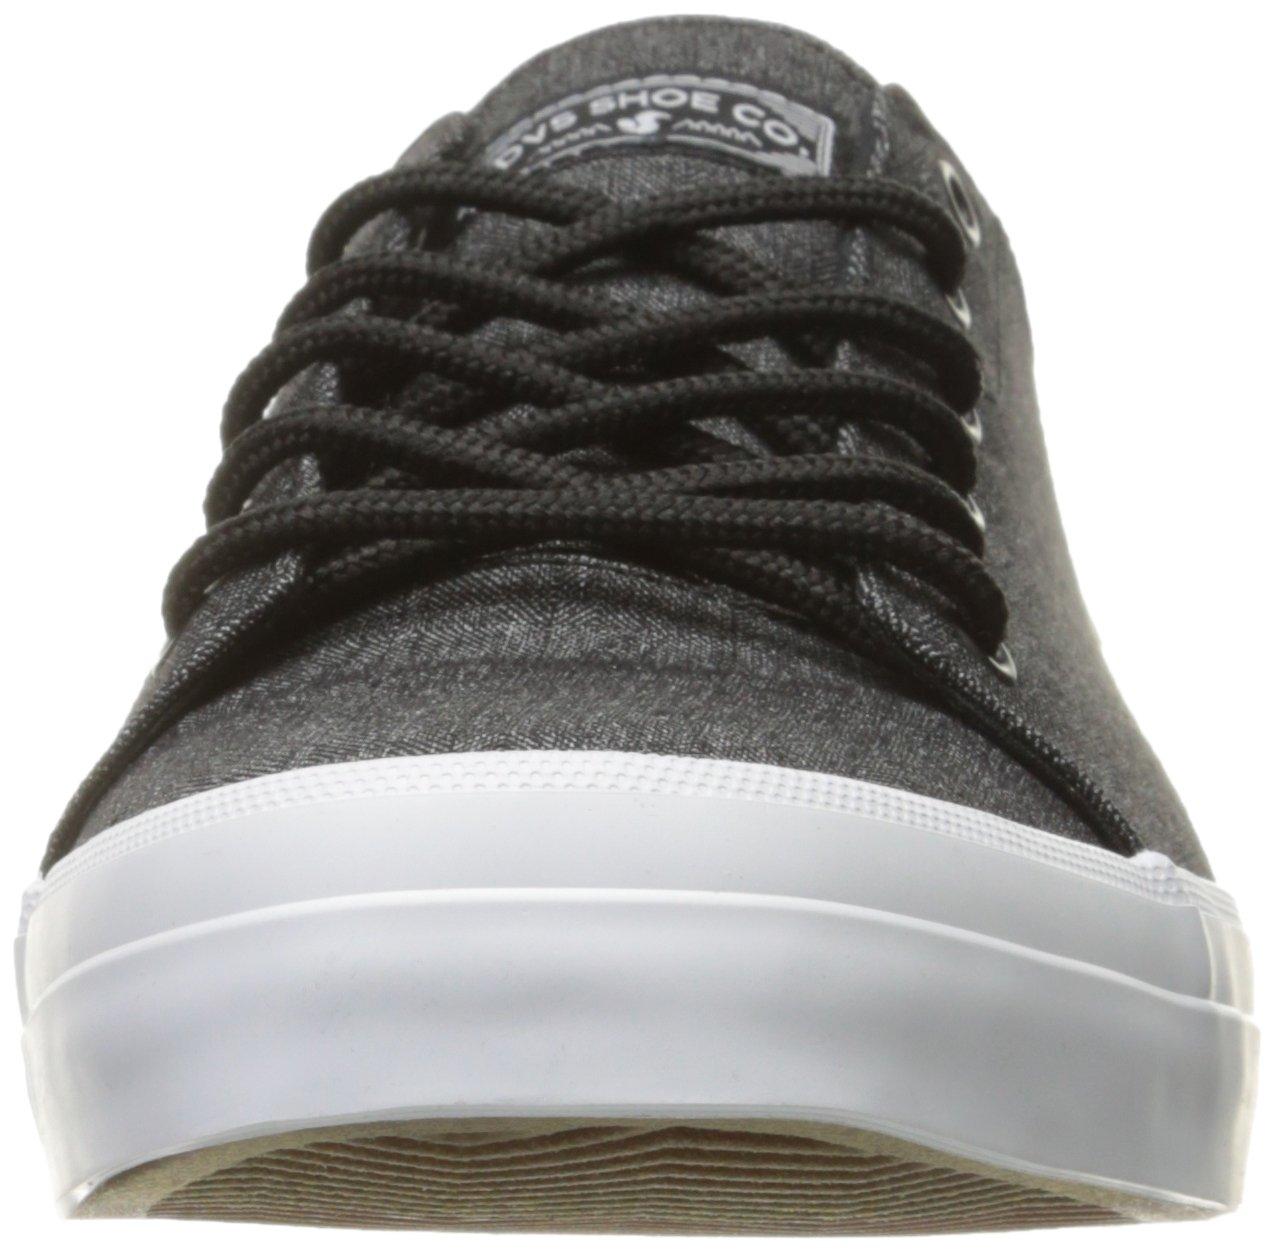 homme / chaussures femme est dvs chaussures / edmon, hommes & eacute; vente du nouveau marché mondial les pantoufles de première qualité 434279